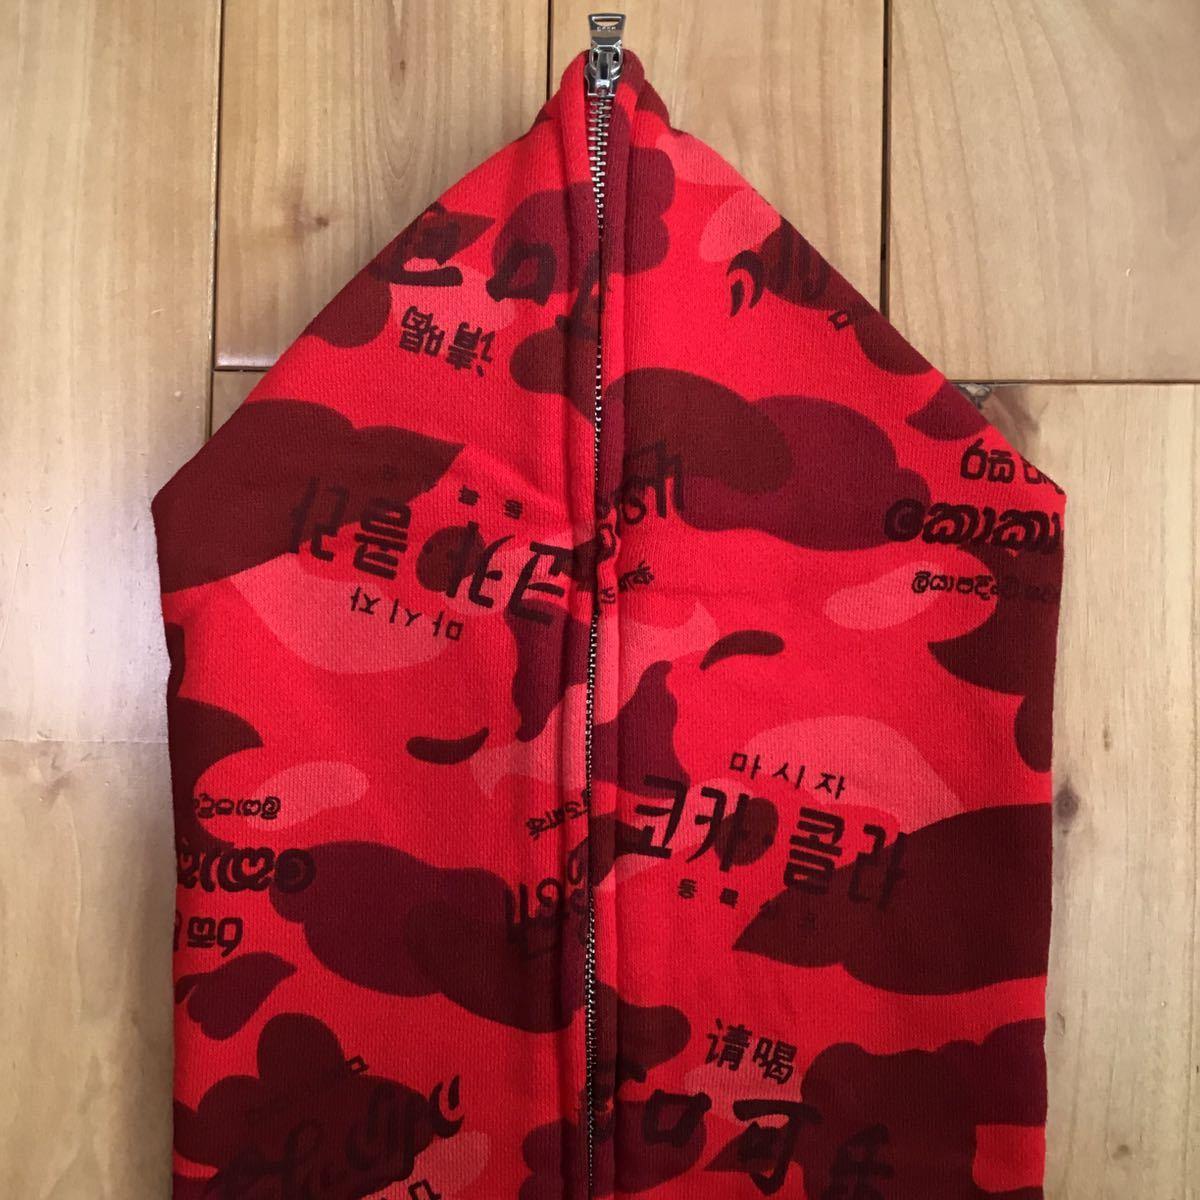 ★美品★ coca cola red camo フルジップ パーカー レディース Sサイズ BAPE full zip hoodie a bathing ape エイプ ベイプ コカコーラ